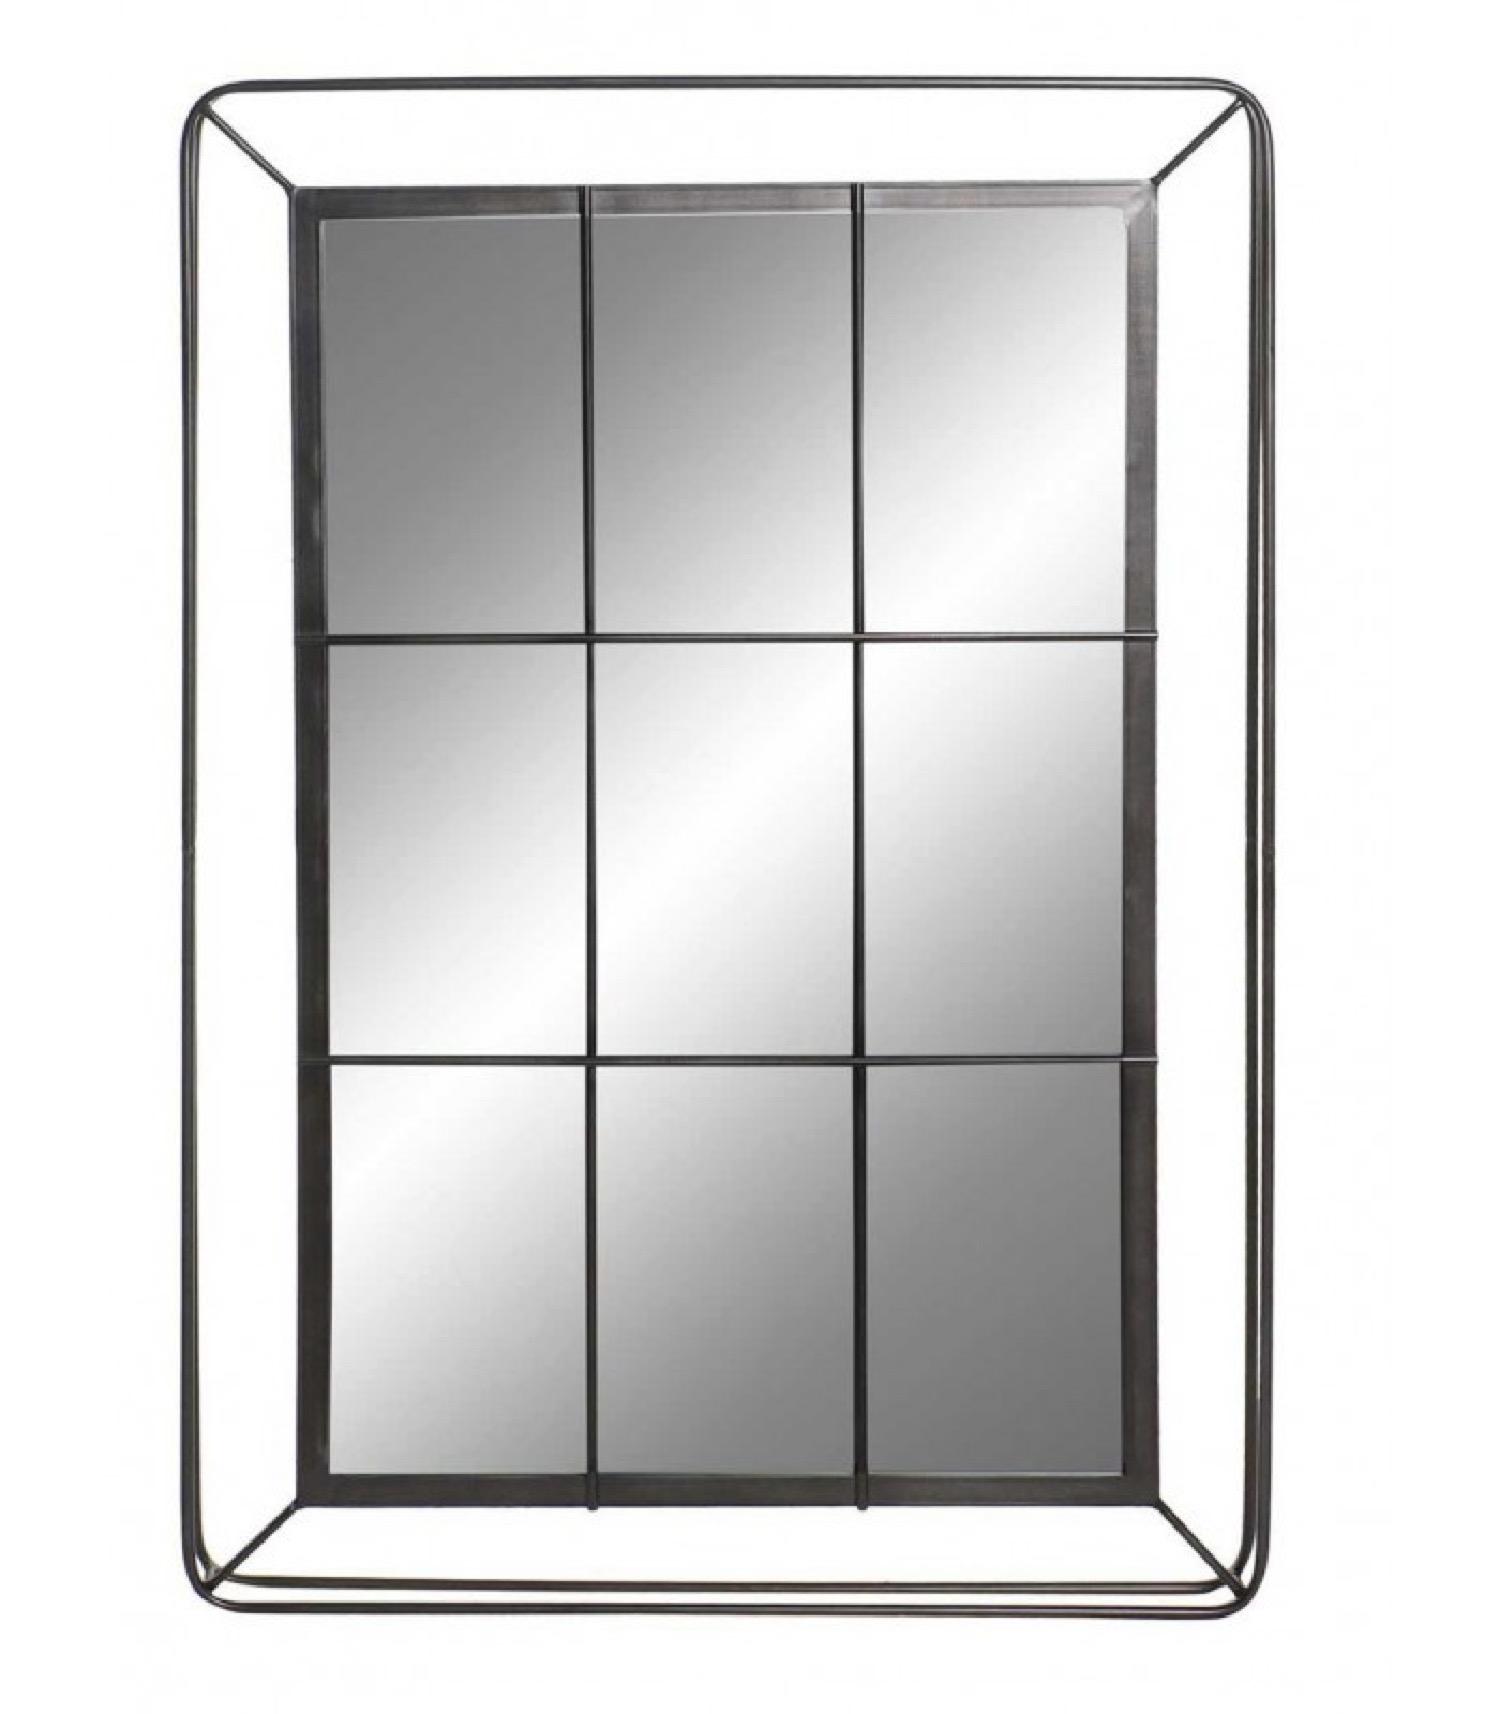 Miroir mural en métal noir 81x120cm